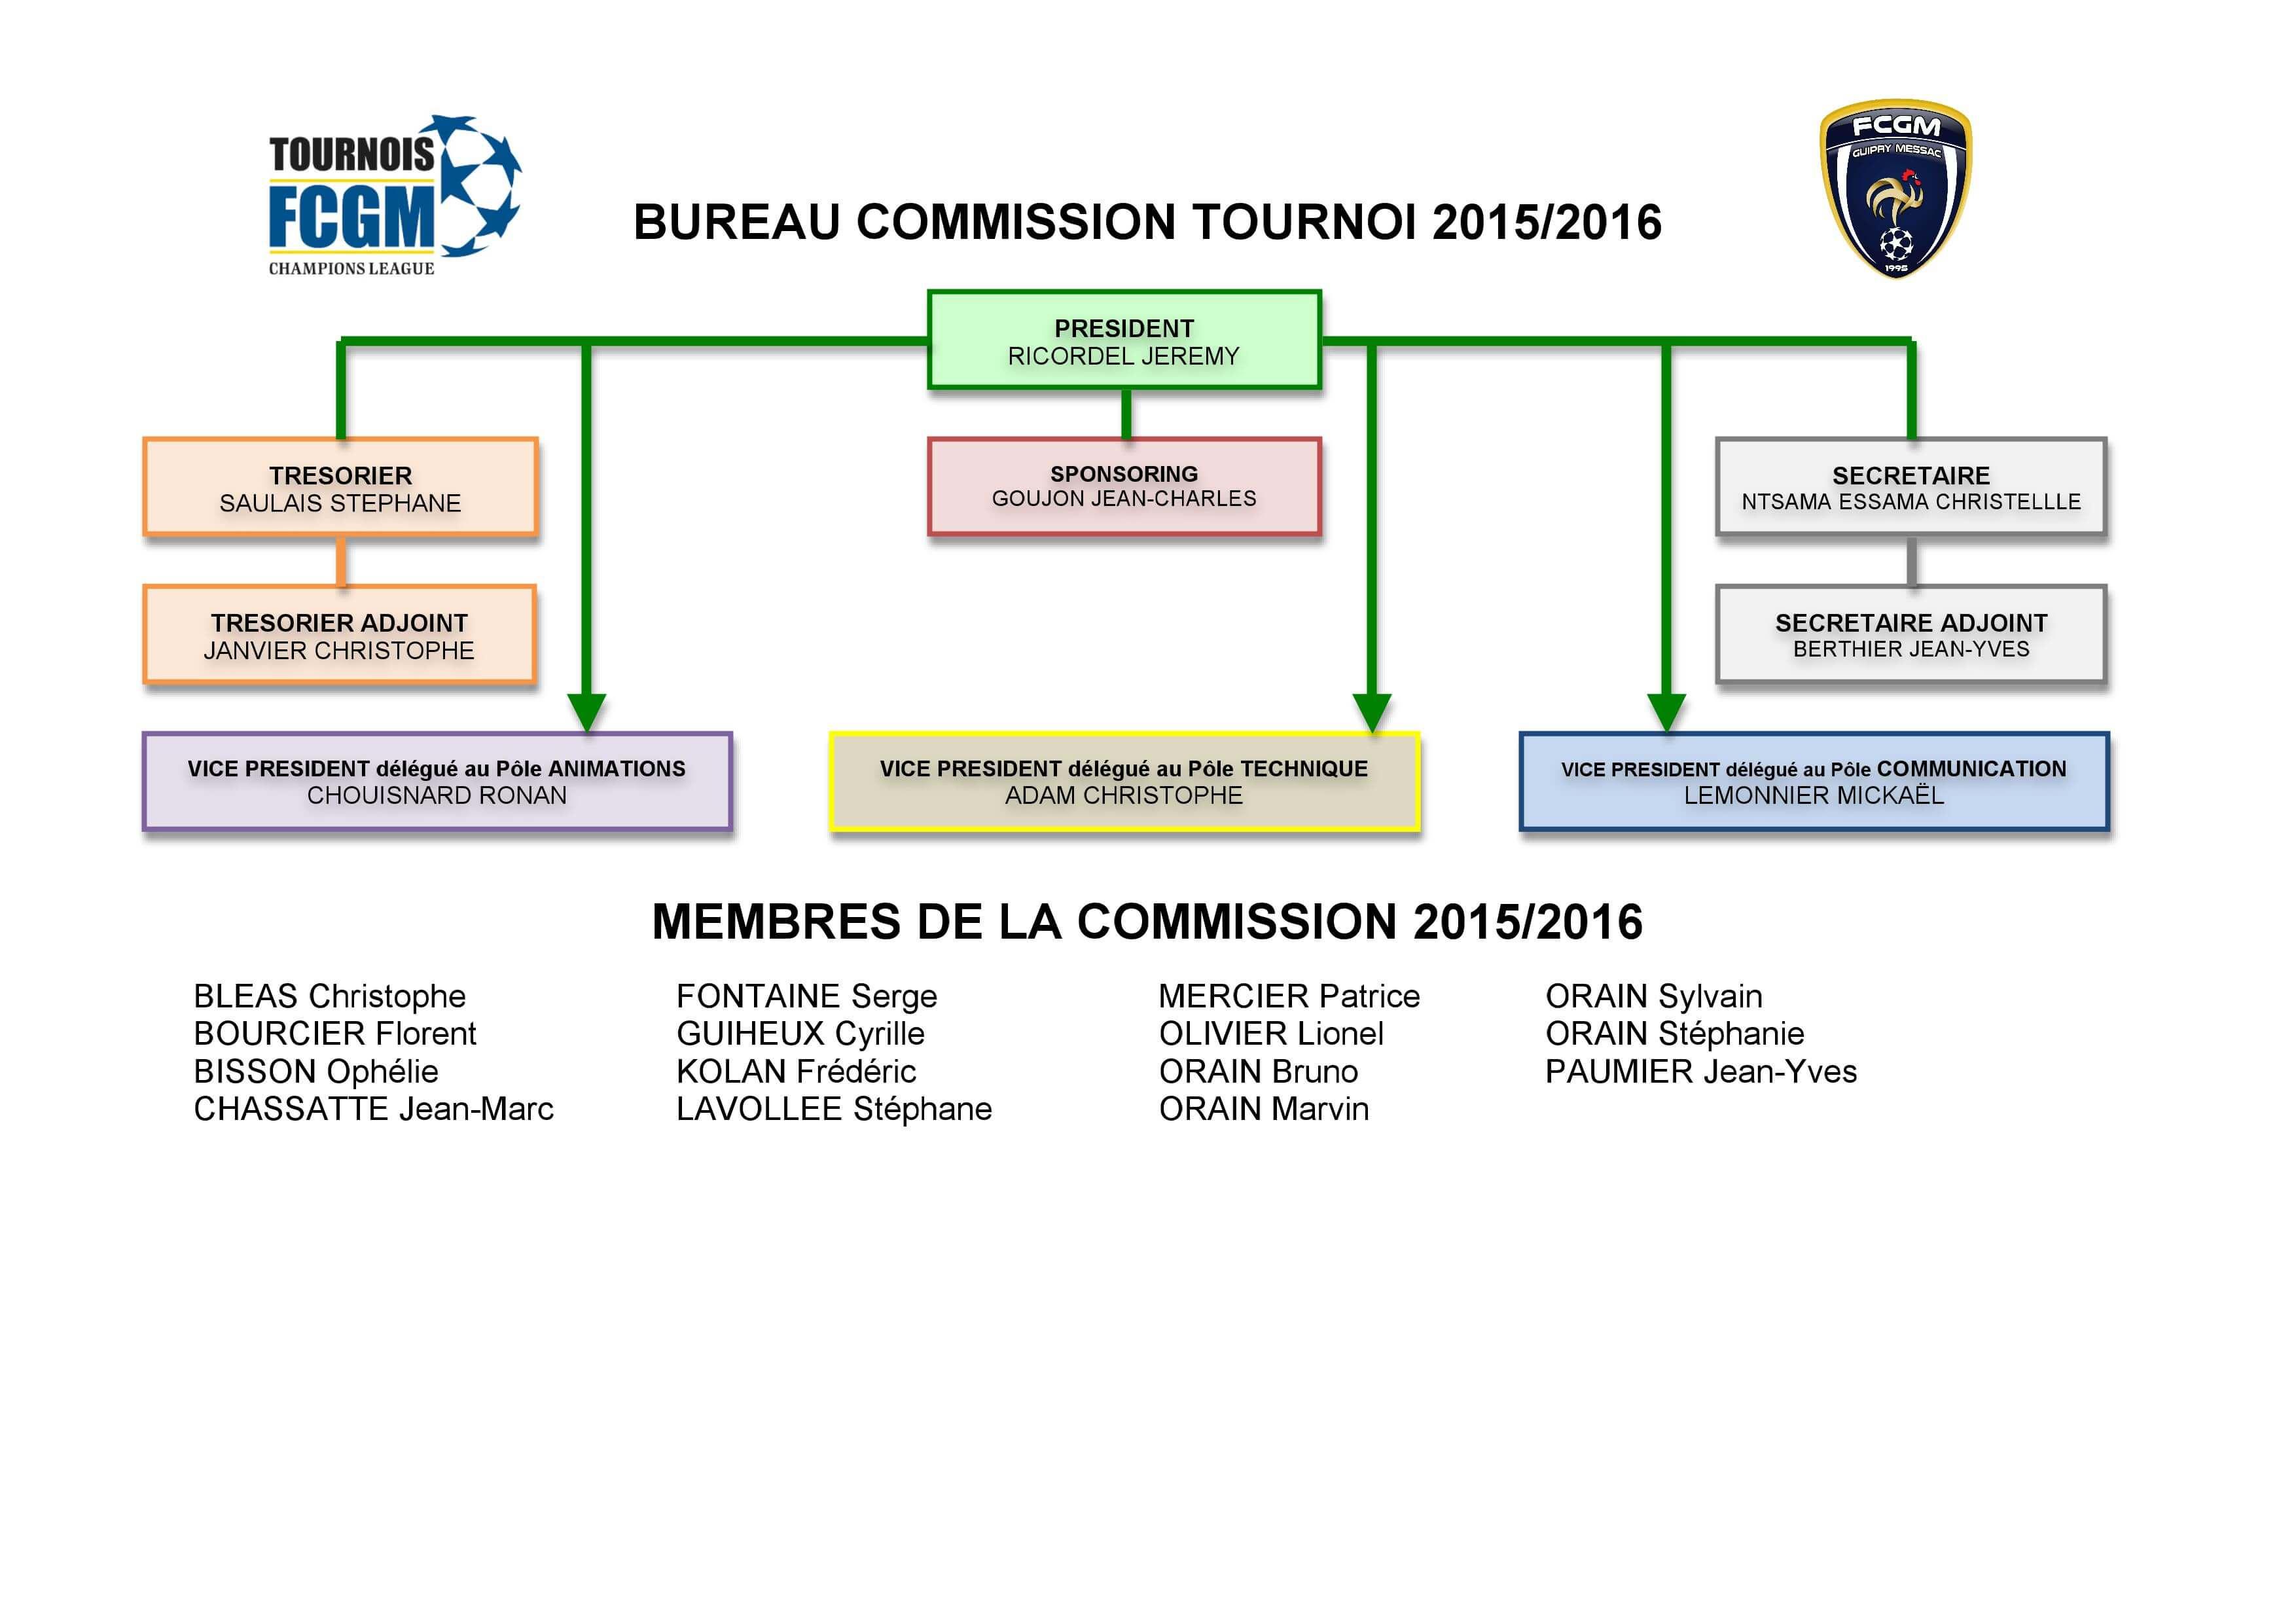 Bureau Commission Tournois 2015:2016